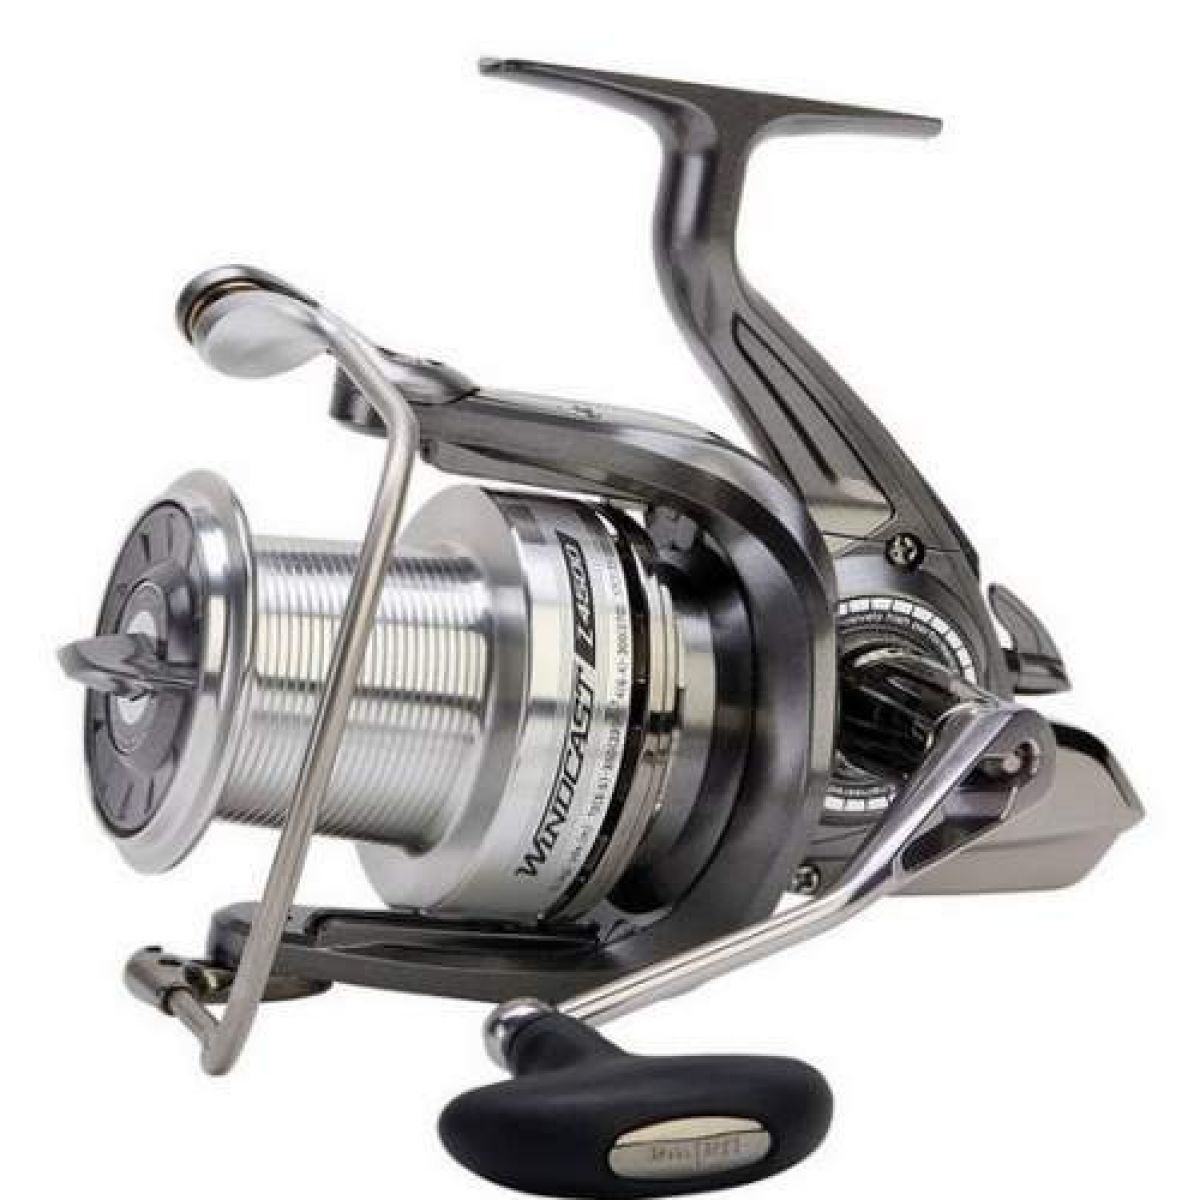 Adaugă Pin pe Top 10 mulinete pentru pescuit stationar